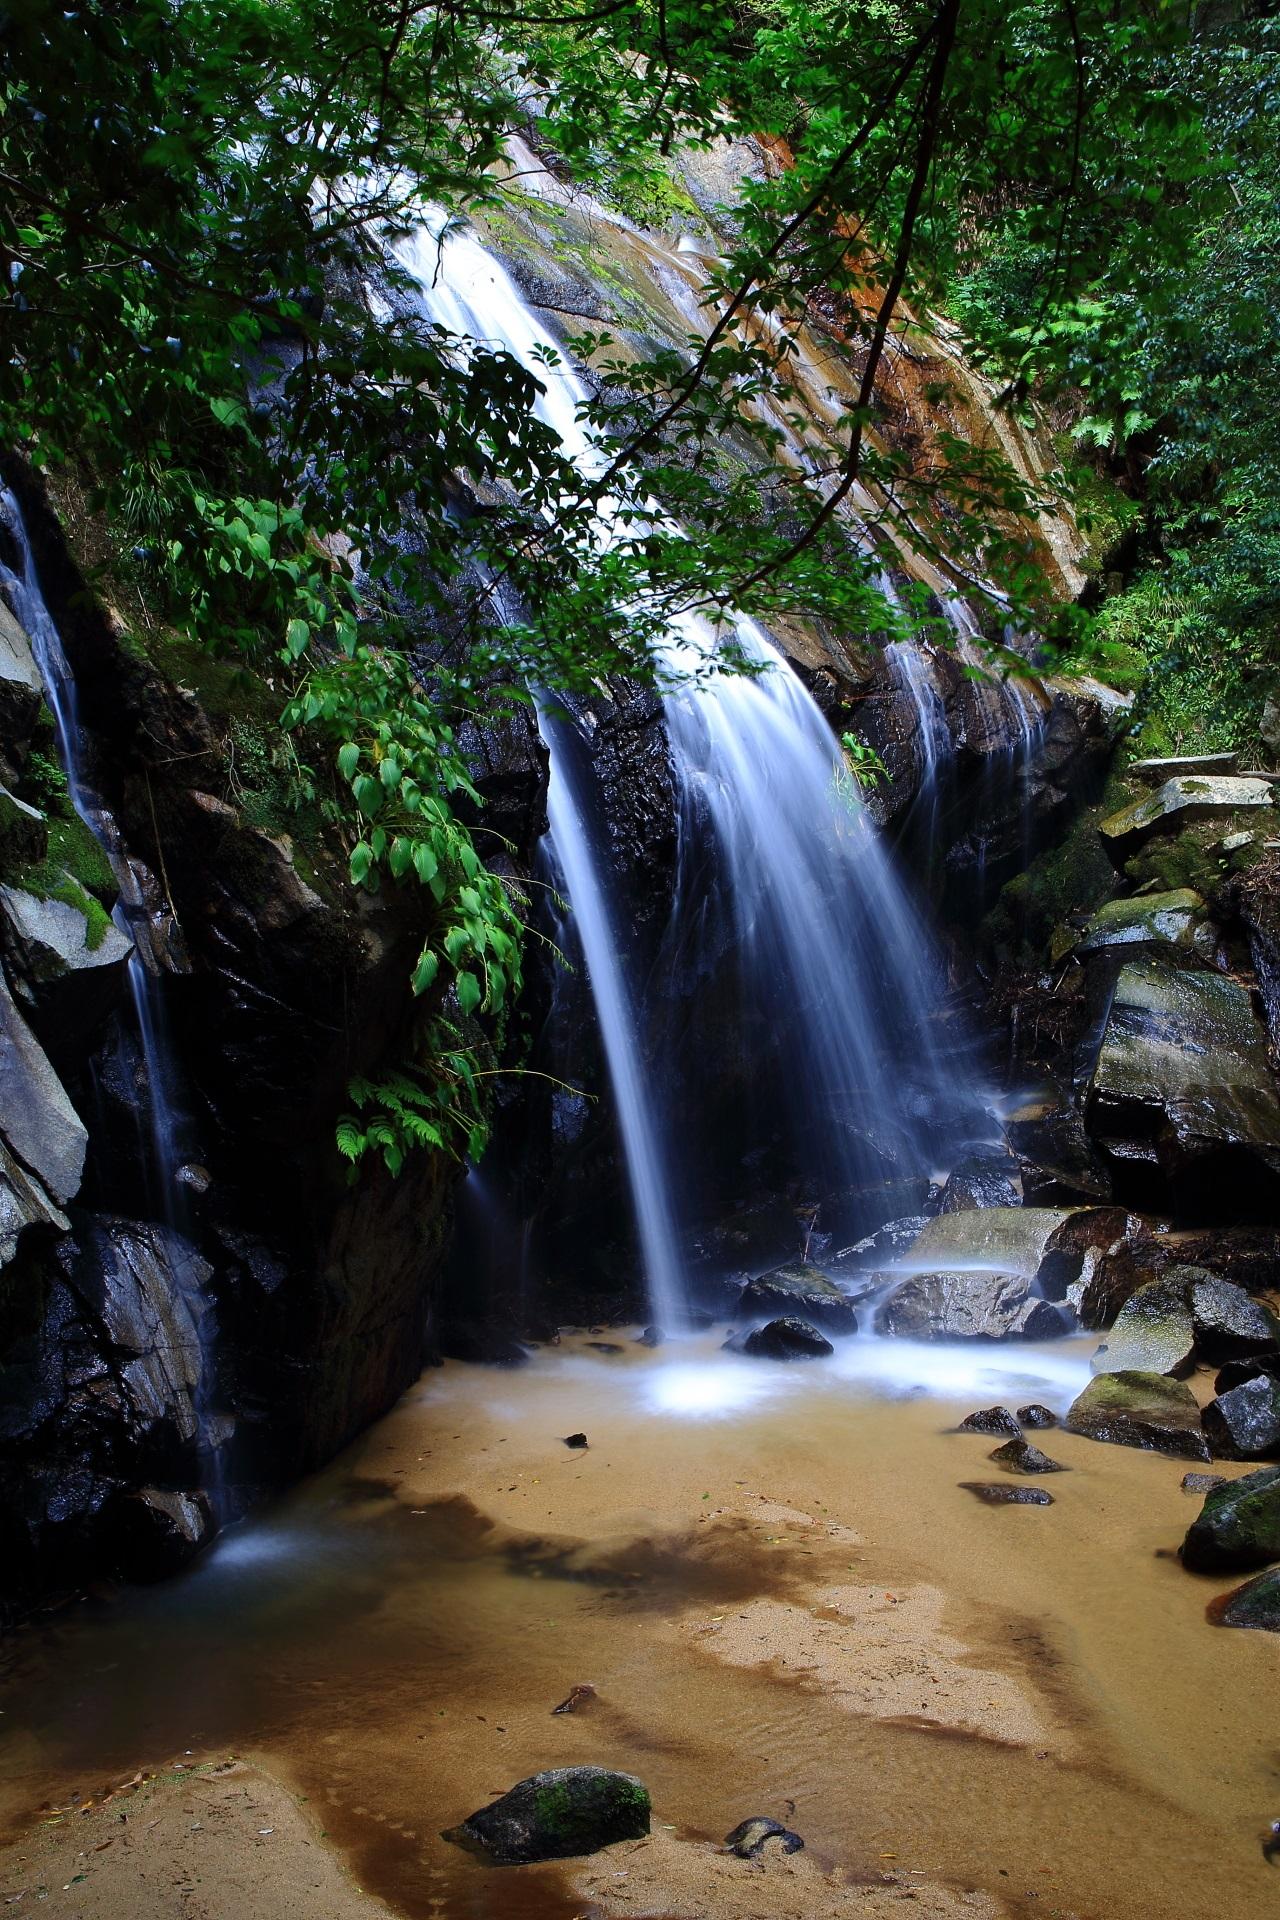 宮津の美しすぎる金引の滝(かなびきのたき)